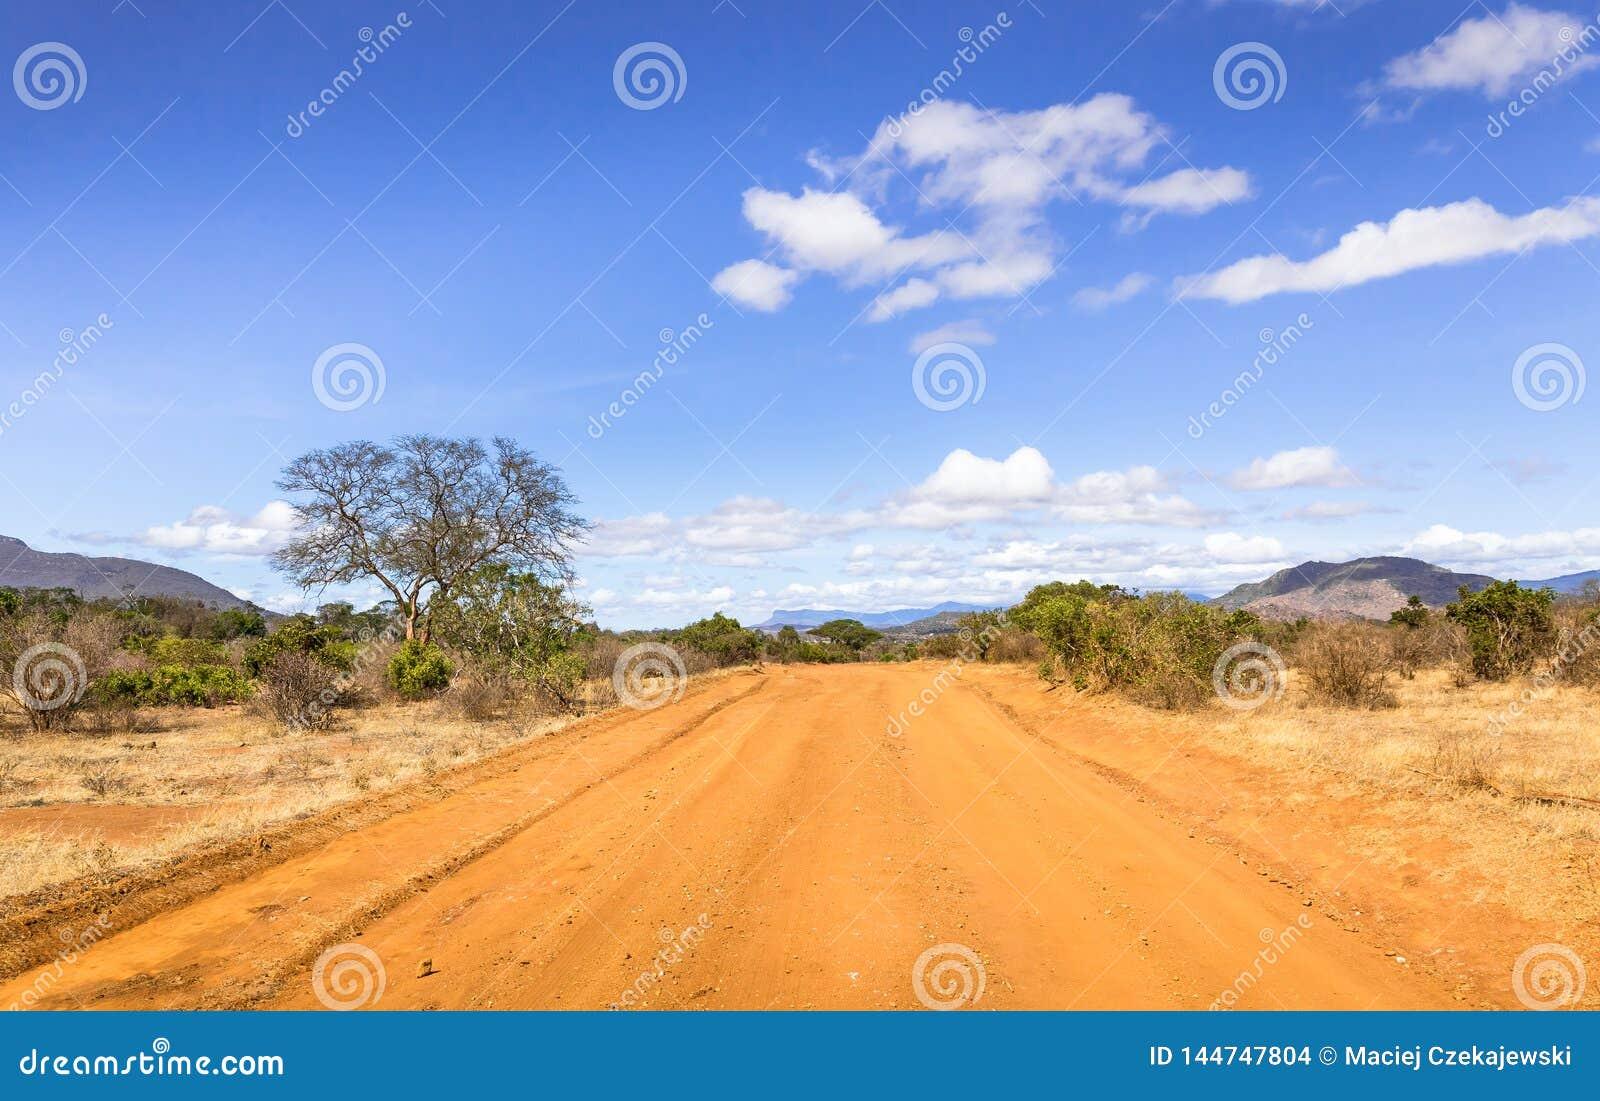 Route de safari au Kenya